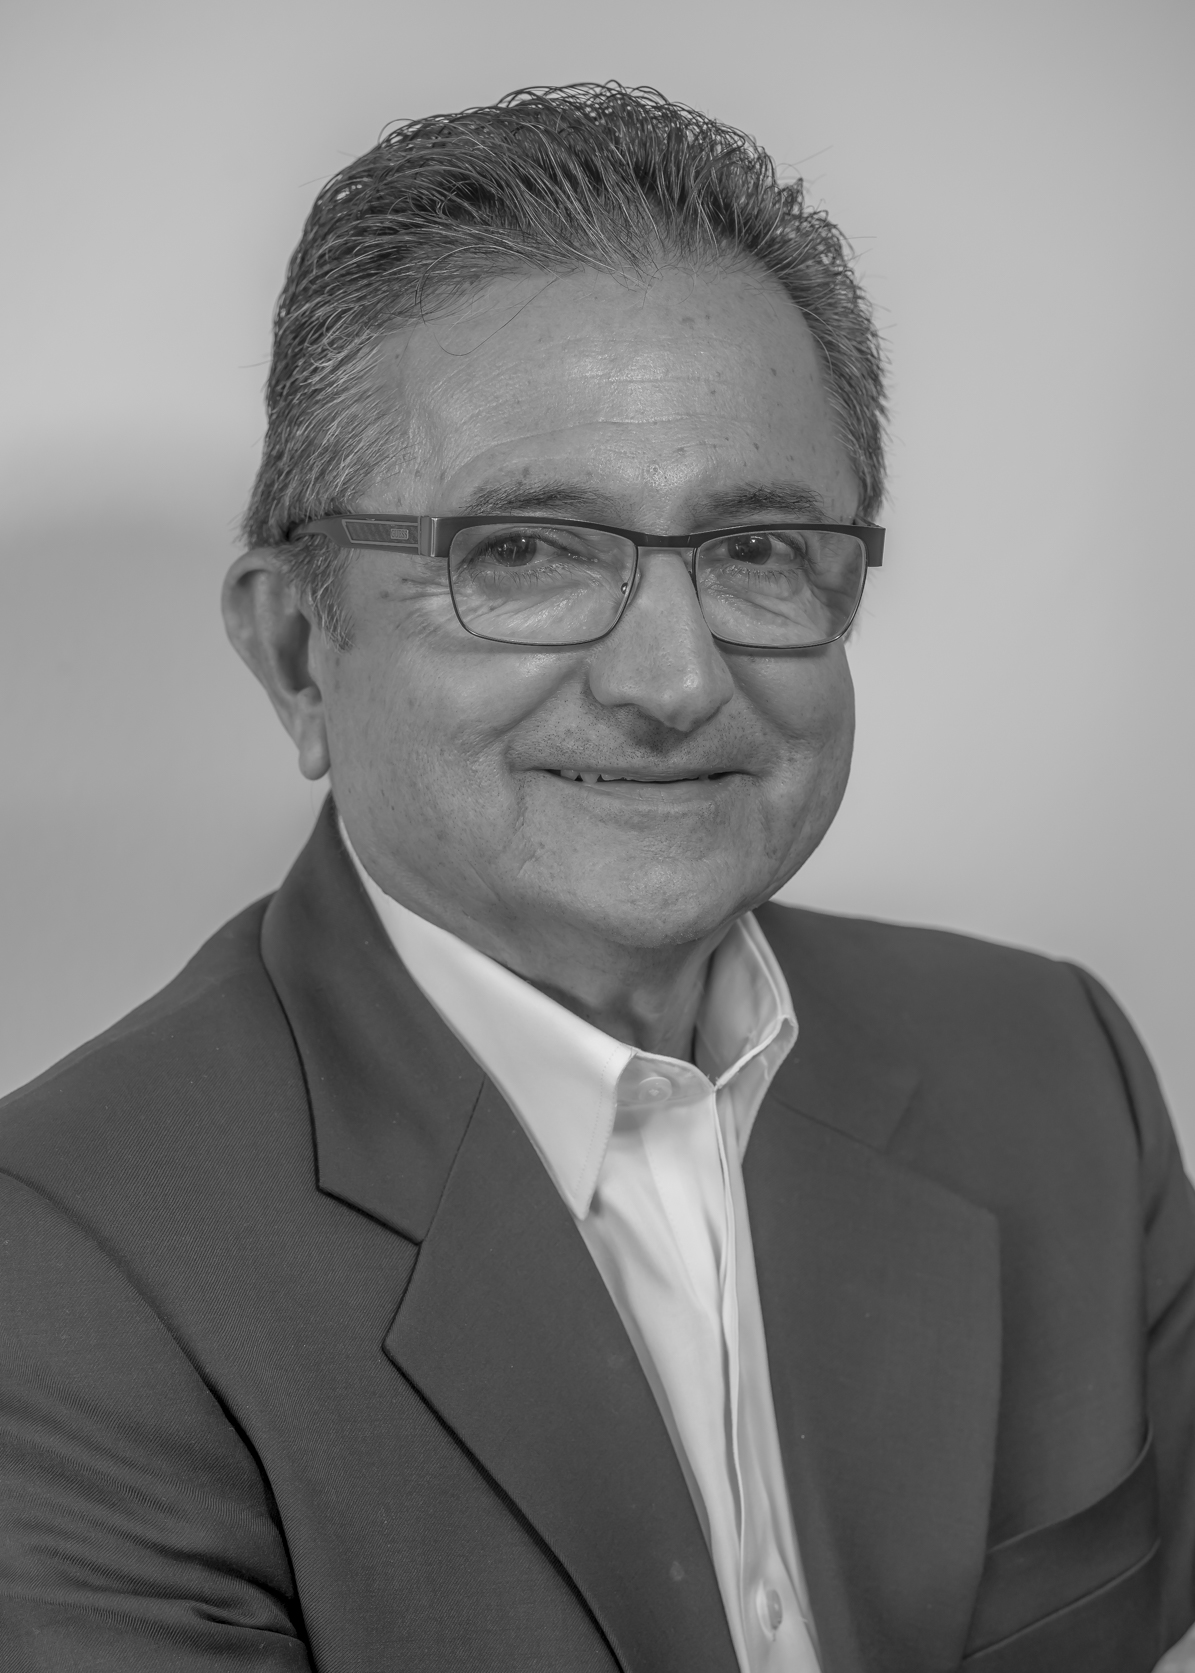 Ernie Sandoval